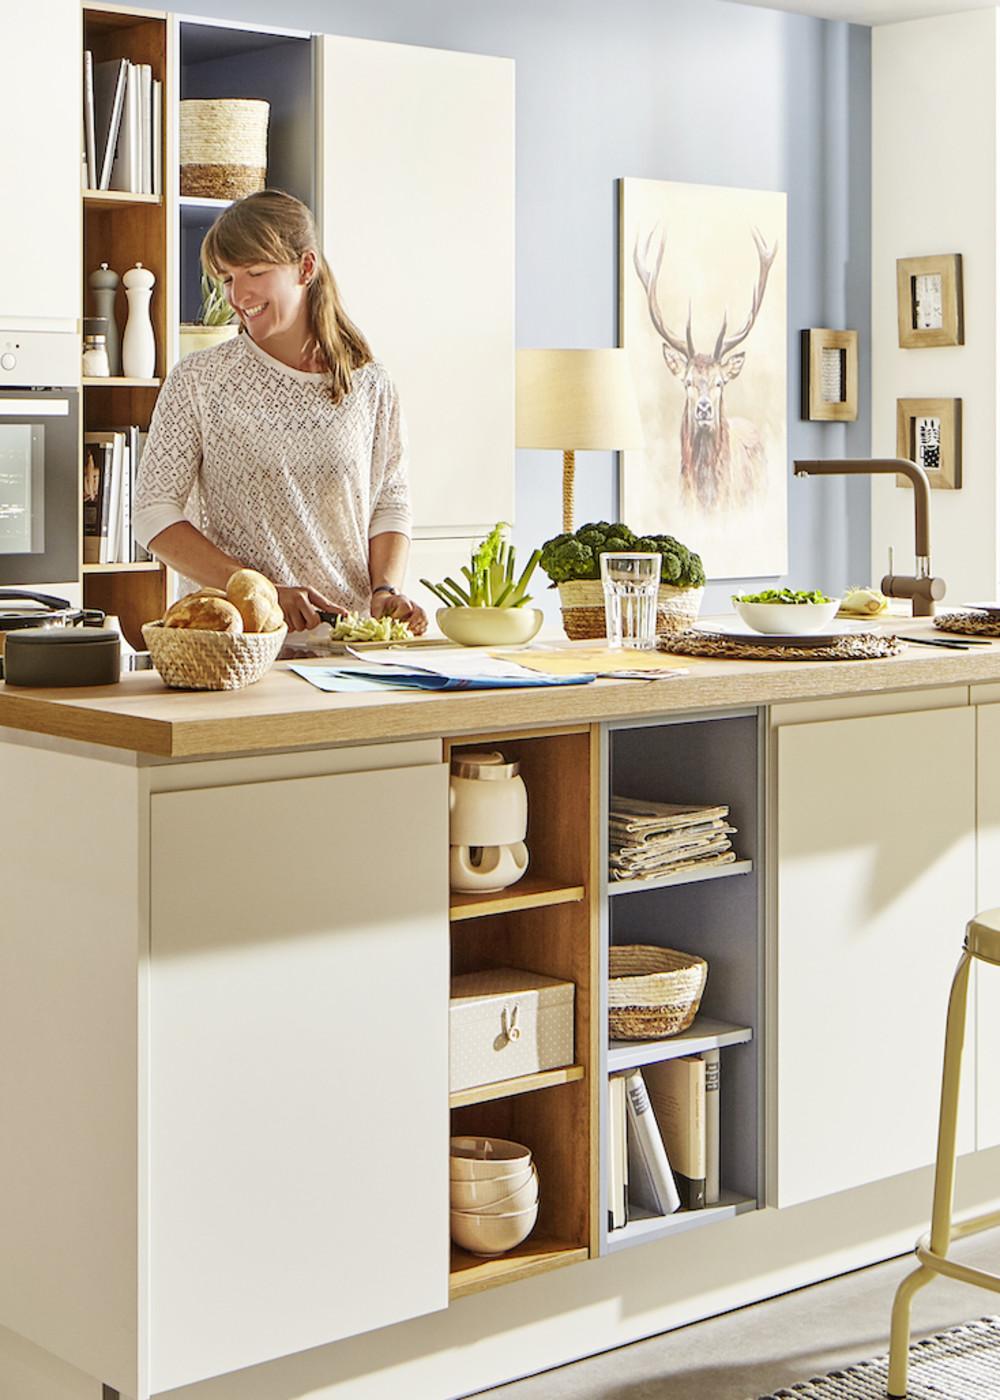 Full Size of Home Kchen Alno Küche Küchen Regal Wohnzimmer Alno Küchen